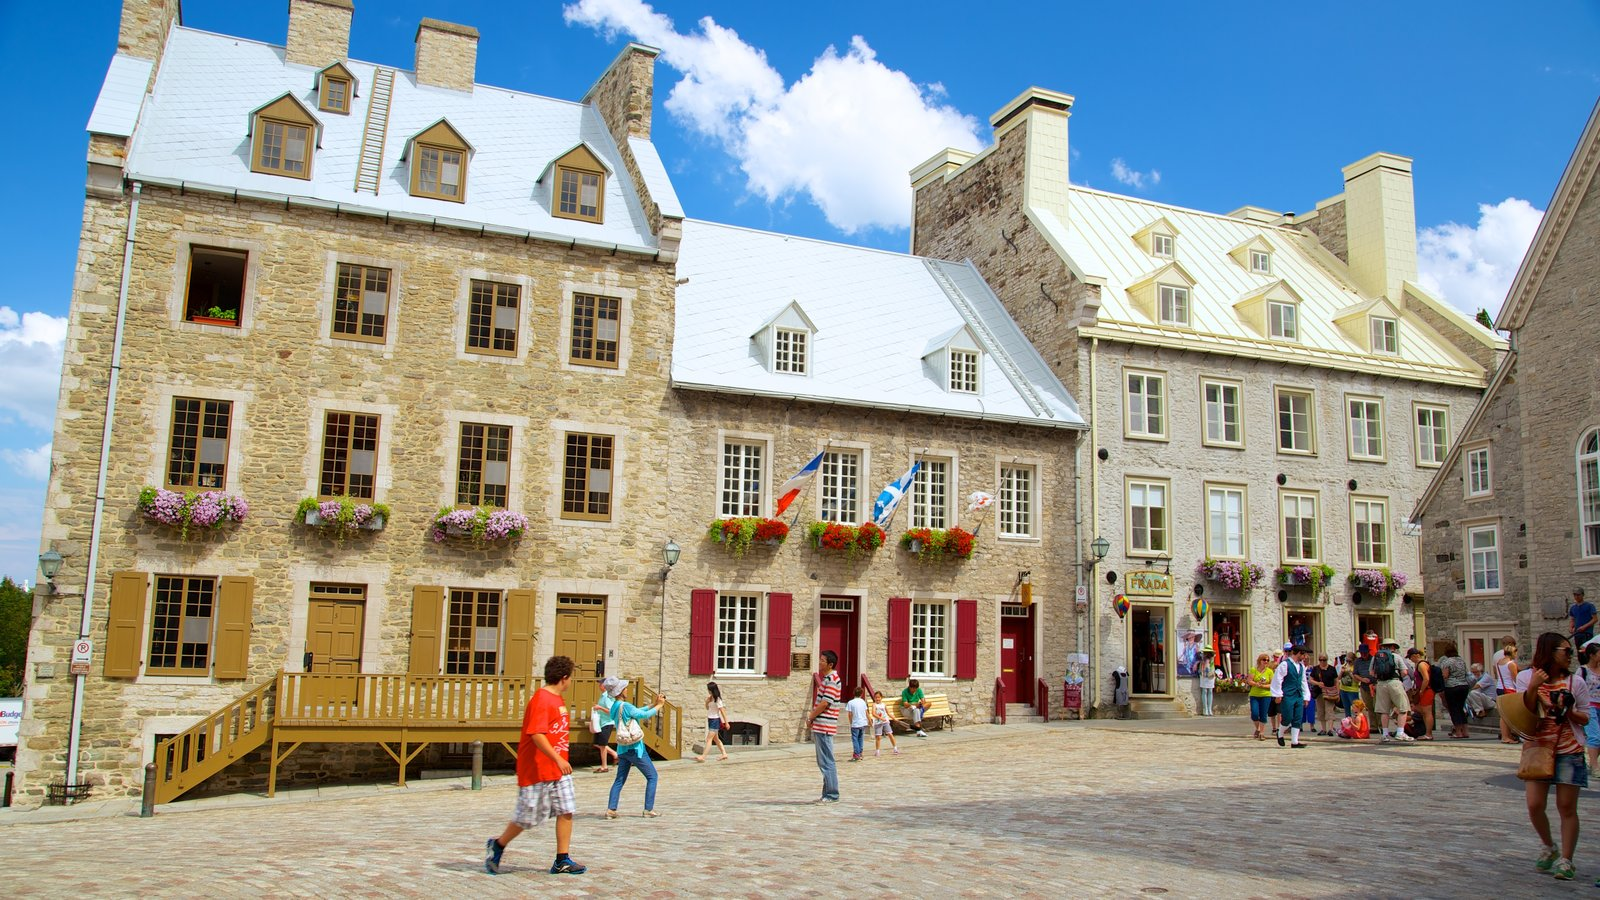 Place Royale mostrando castillo o palacio, una ciudad y escenas urbanas